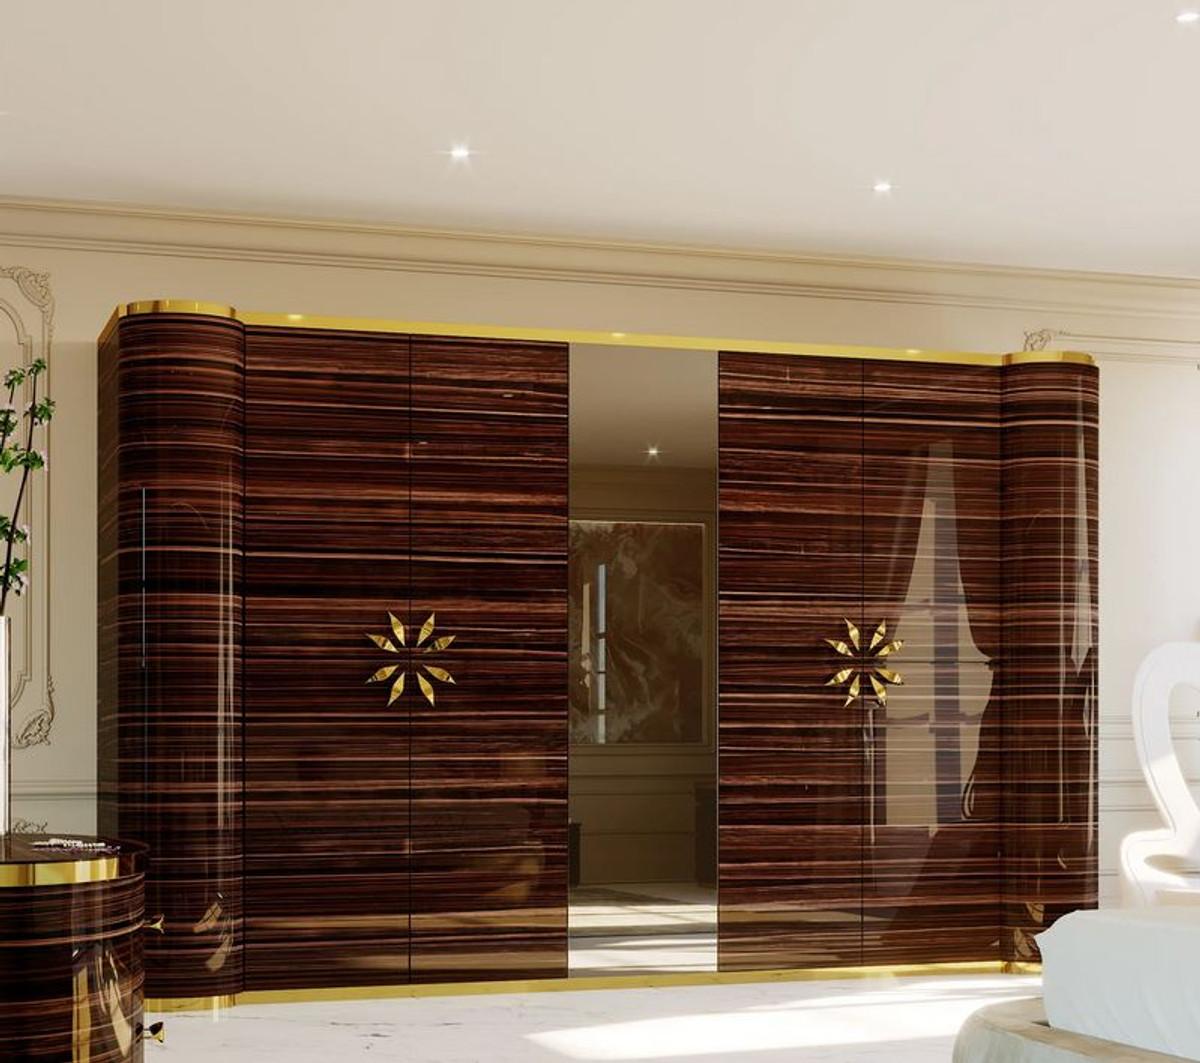 casa padrino armoire de chambre design de luxe marron brillant or 285 x 62 x h 250 cm armoire en bois massif noble avec 4 portes mobilier